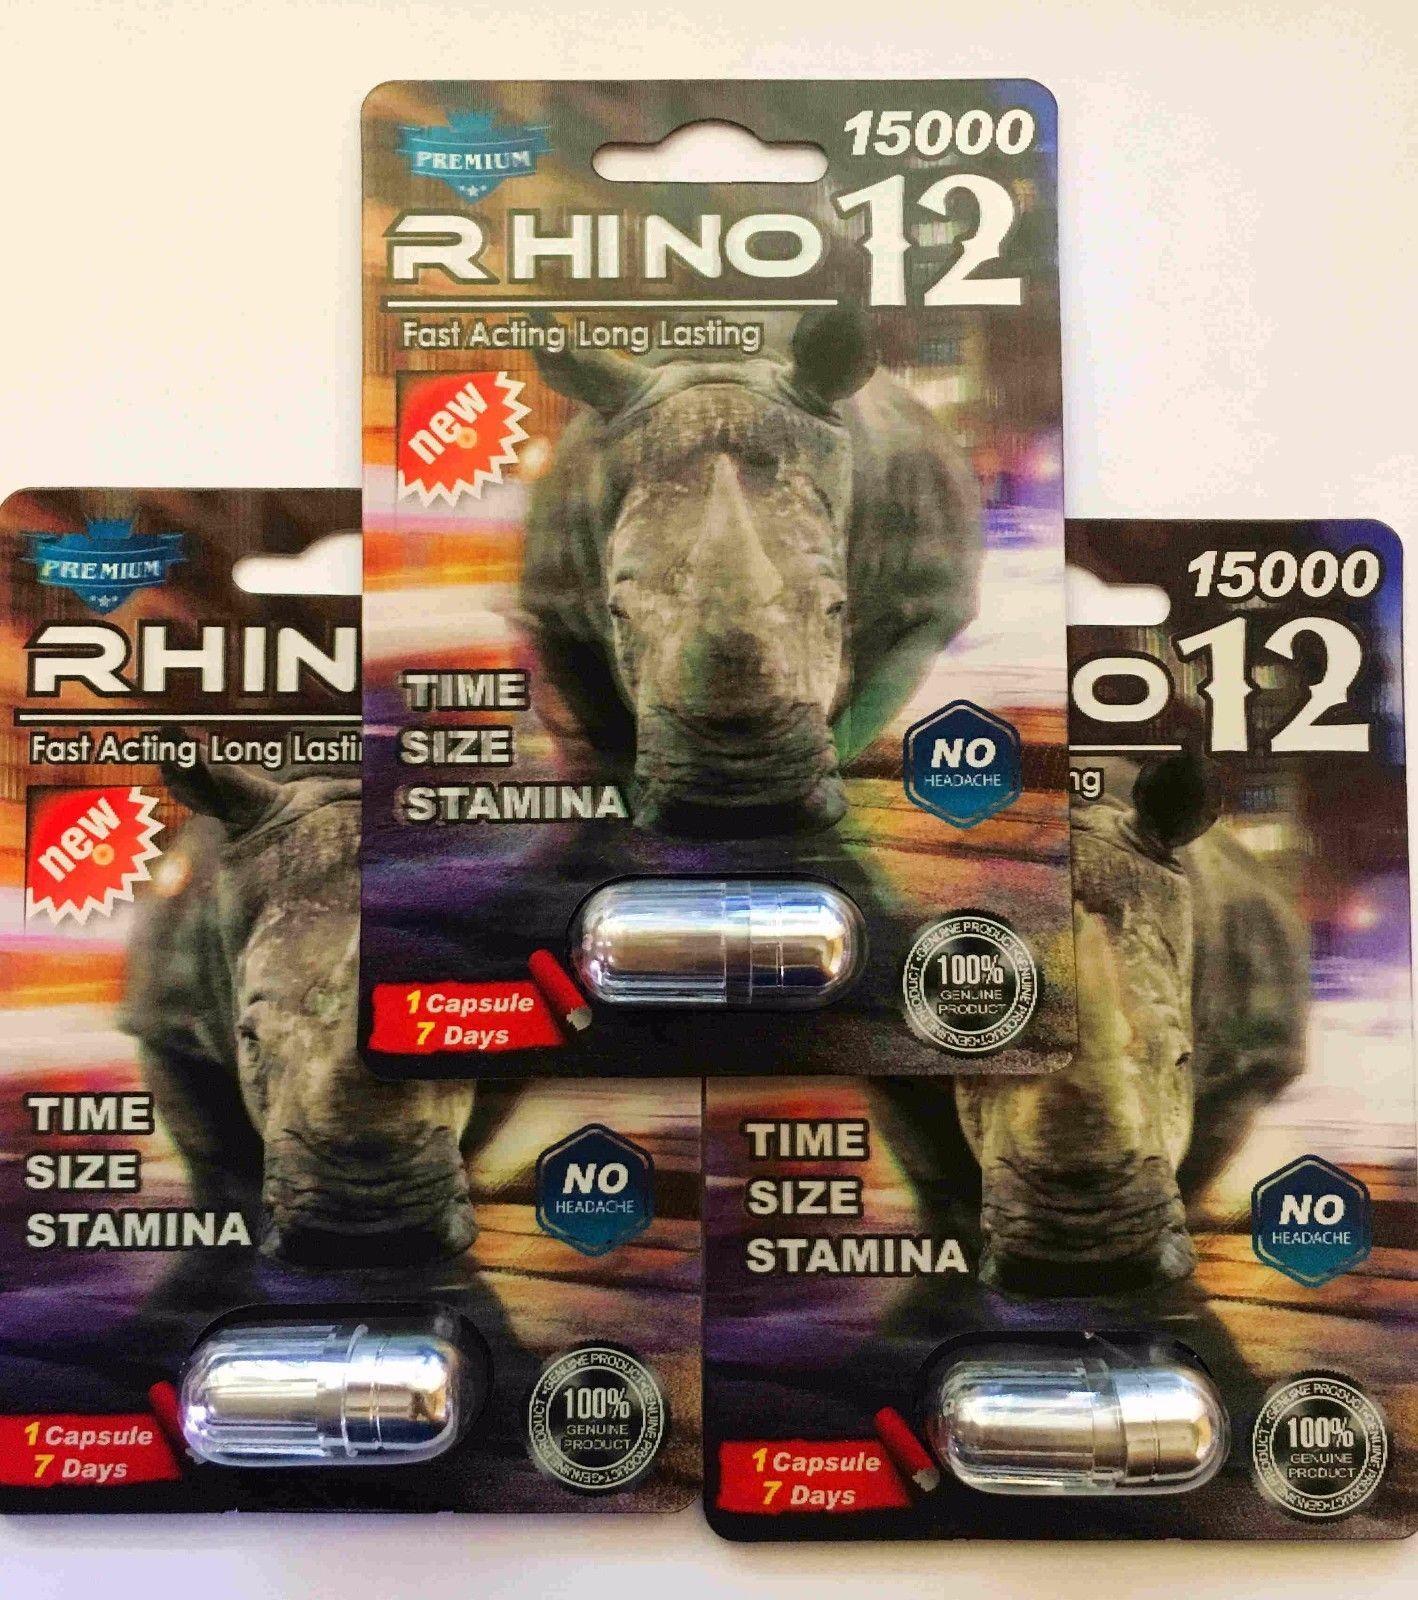 100% Genuine Rhino 12 Premium 15000 Male Sexual Performance Enhancer